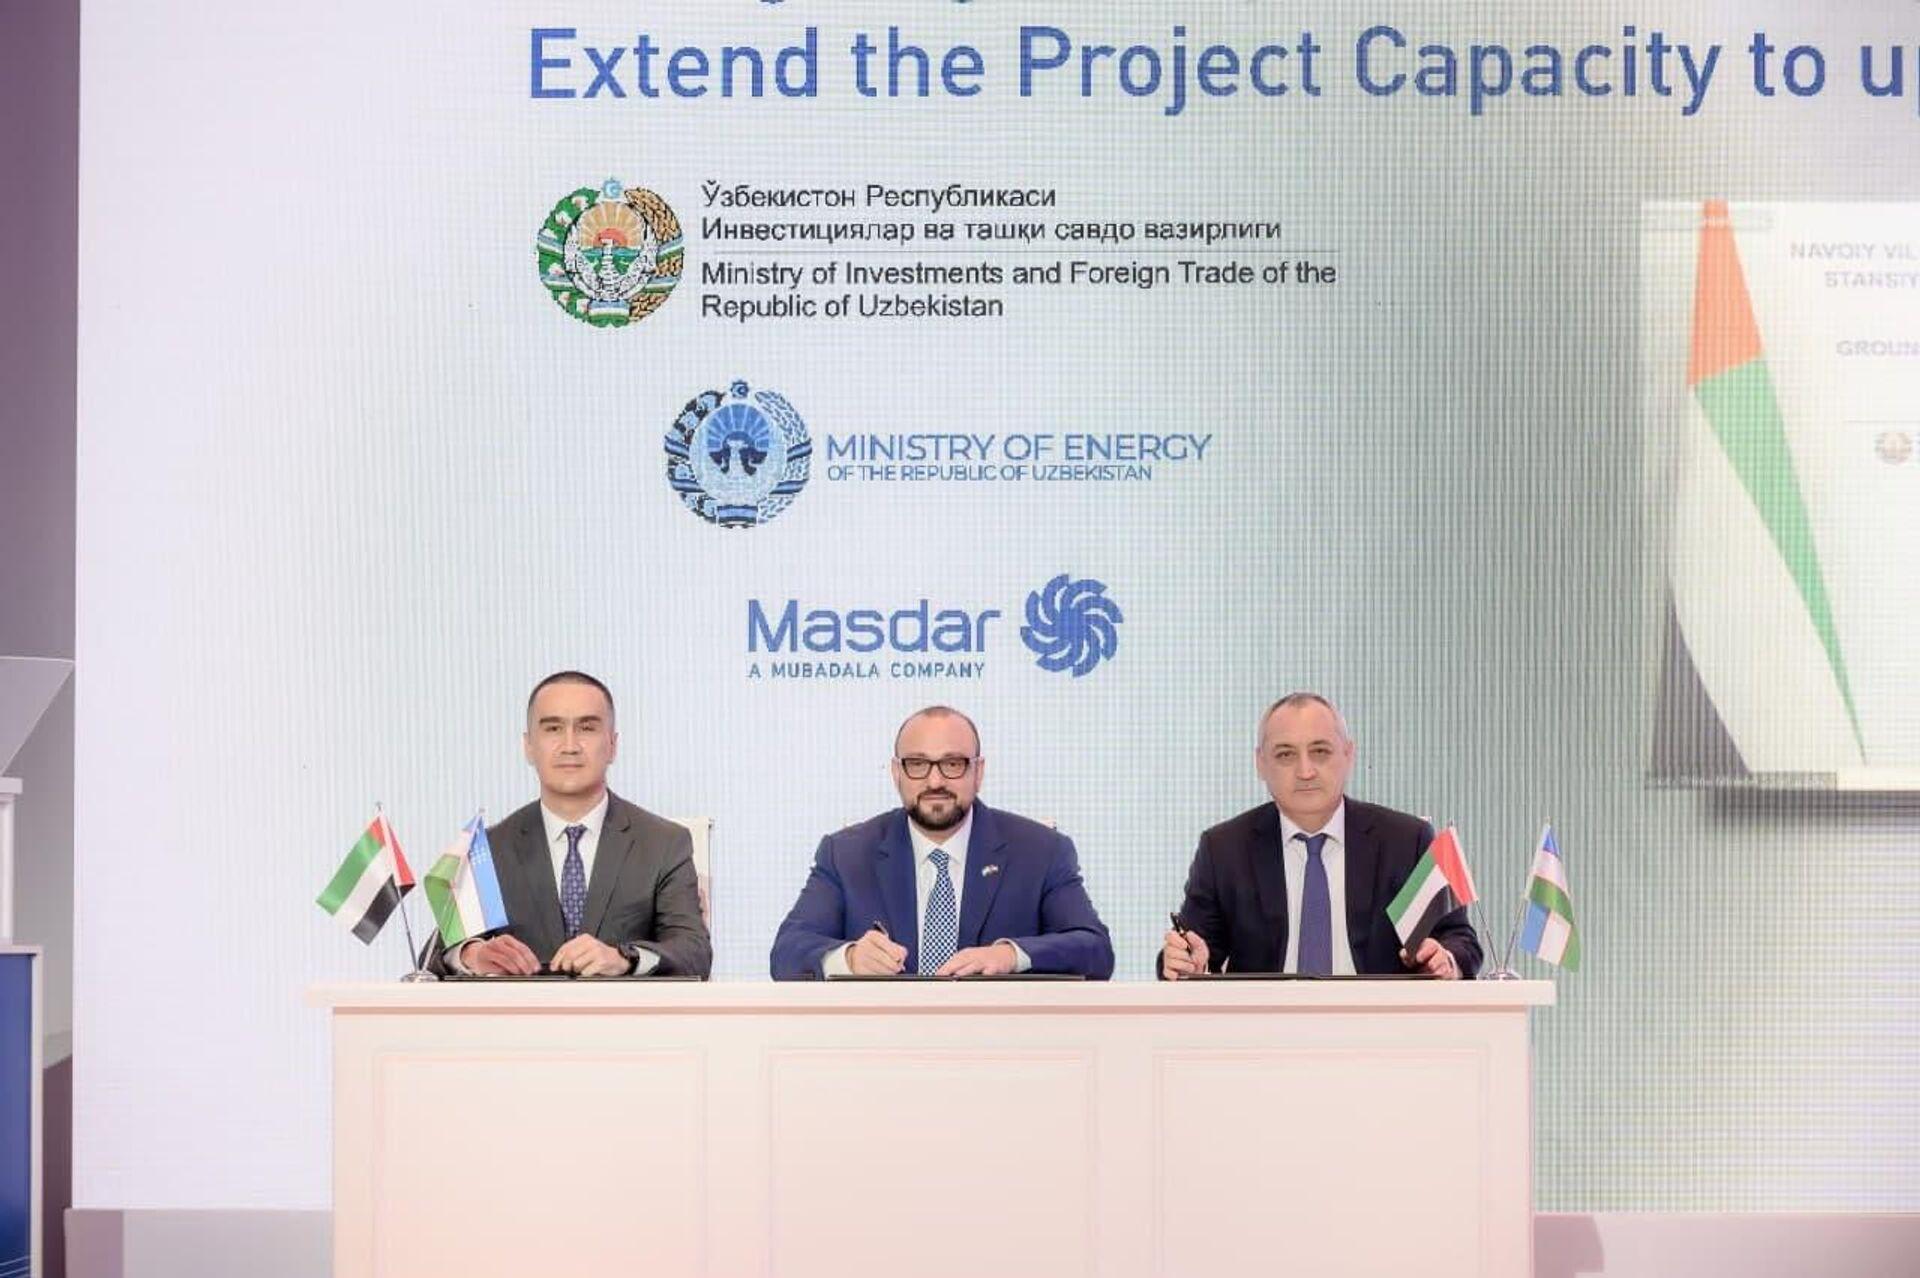 Подписание соглашения с компанией Masdar (ОАЭ) об увеличении проектной мощности строящейся в Узбекистане ВЭС в три раза - Sputnik Узбекистан, 1920, 02.04.2021